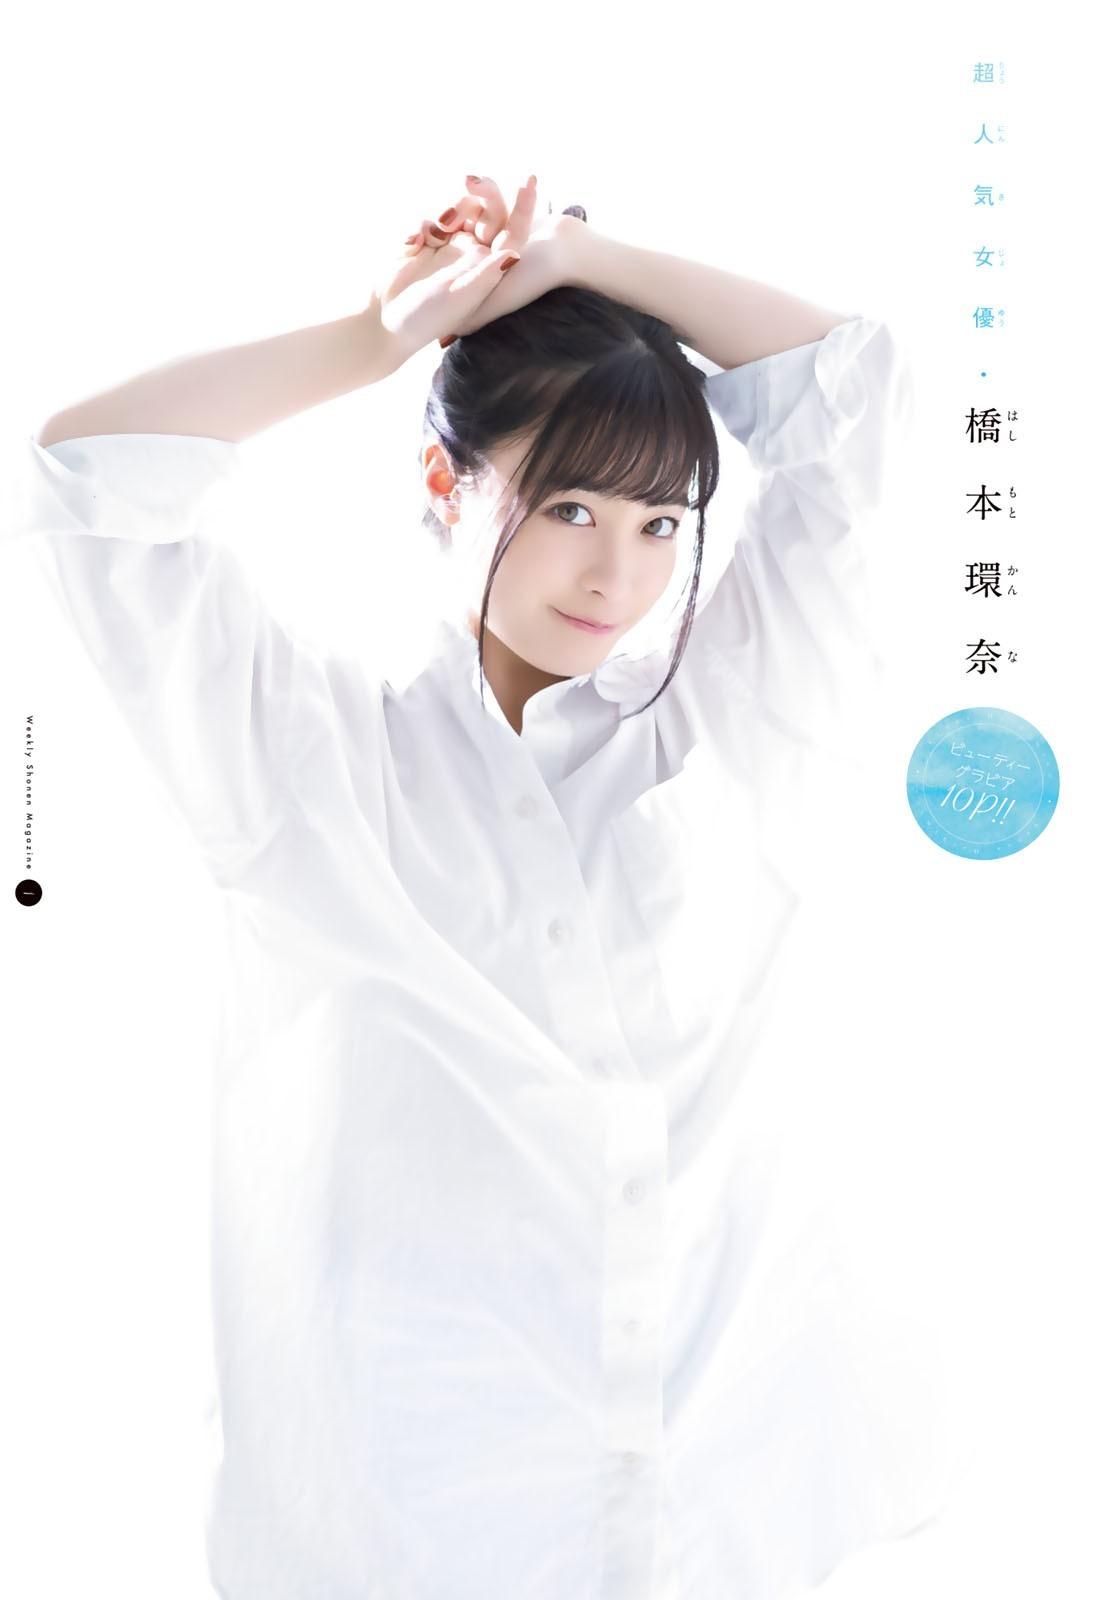 桥本环奈 周刊少年Magazine 22&23期合刊 周刊少年Magazine 写真集 第3张